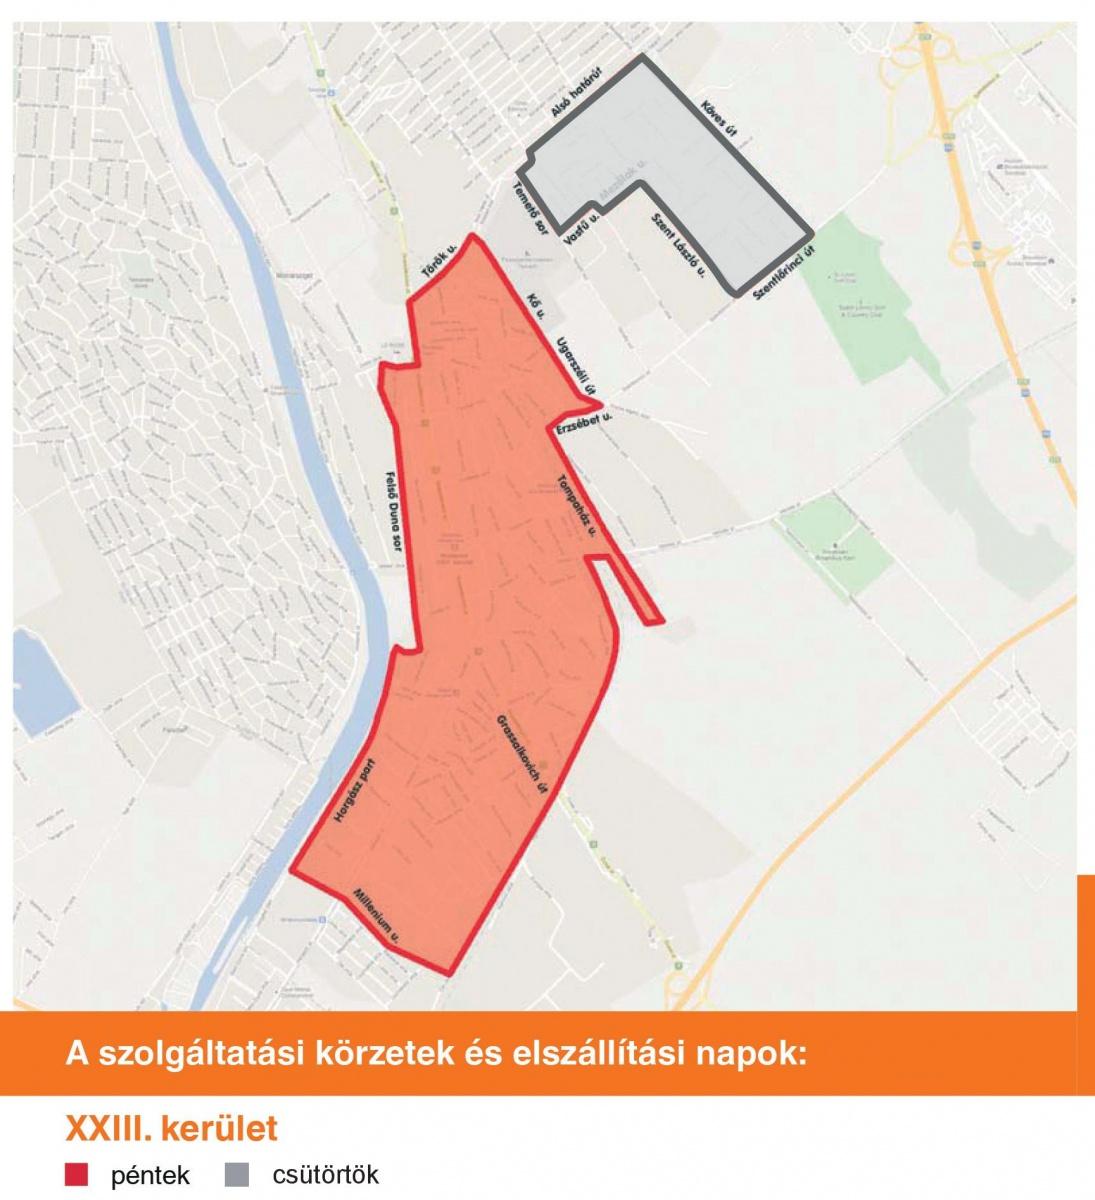 budapest 23 kerület térkép XXIII. kerület   Soroksár | Hamarosan a soroksári házaktól is  budapest 23 kerület térkép